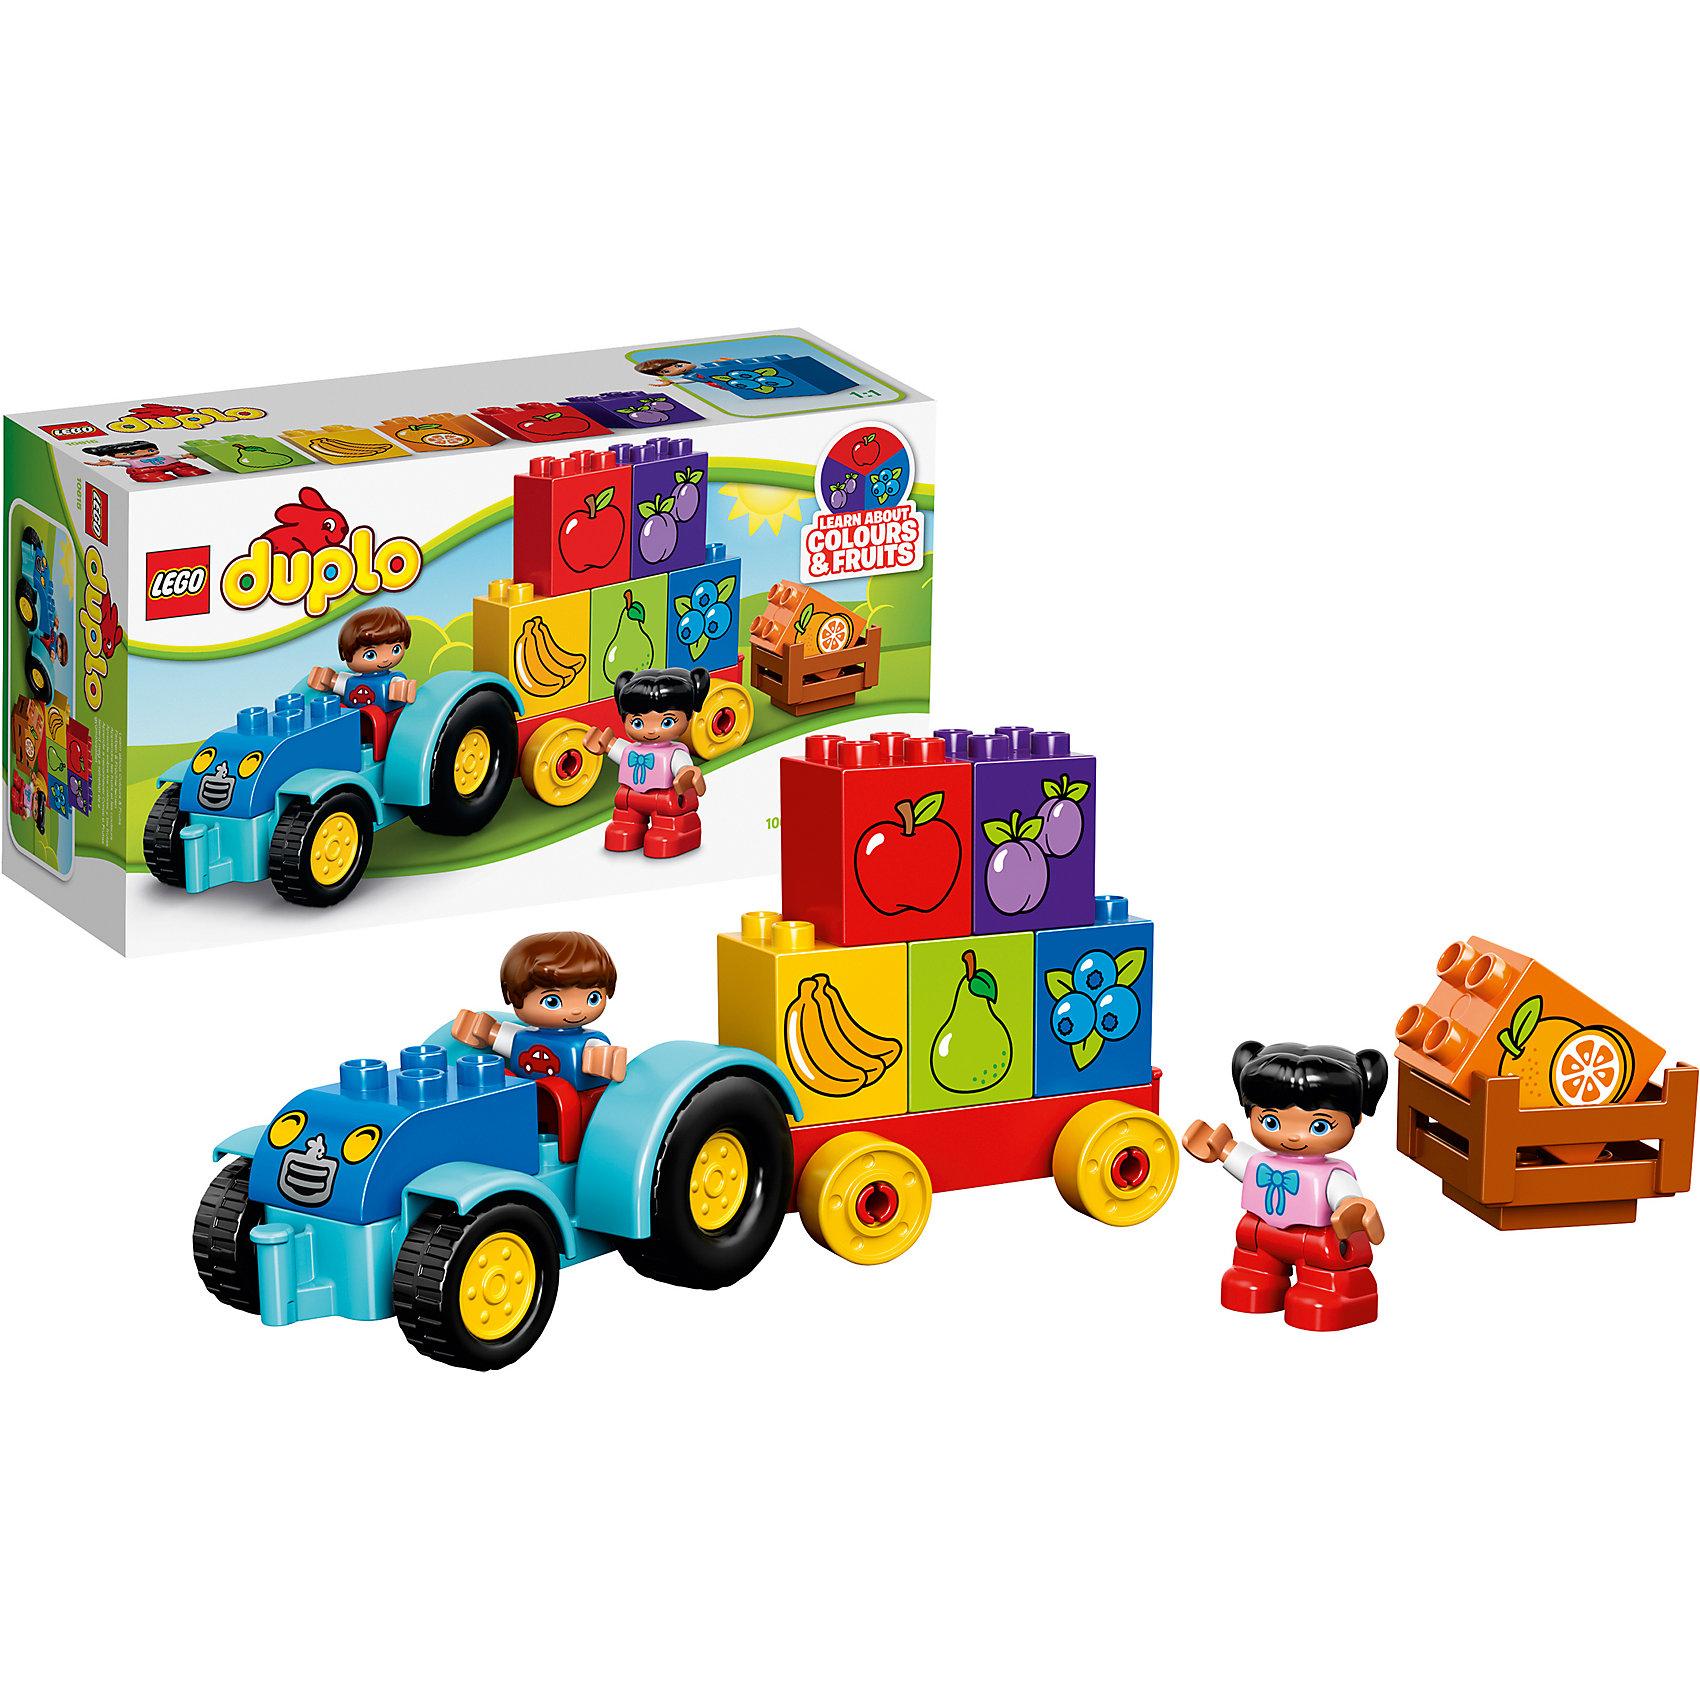 LEGO DUPLO 10615: Мой первый тракторПластмассовые конструкторы<br>Набор LEGO DUPLO (ЛЕГО Дупло) 10615: Мой первый трактор предназначен для самых маленьких. Все детали сделаны из безопасного стойкого к ударам пластика и имеют закругленную форму, которая подойдет для маленьких детских ручек. В наборе 6 кубиков с изображением ягод и фруктов, причем их цвет соответствует цветам плодов, что позволит ребенку в игровой форме выучить их названия. Став постарше, при помощи мини-фигурок – мальчика и девочки, – ребенок сможет самостоятельно разыгрывать сюжеты на тему сбора урожая, например, укладывание кубиков в кузов трактора.<br><br>Конструкторы LEGO DUPLO (ЛЕГО ДУПЛО), предназначенные для детей дошкольного возраста, сочетают игру и обучение, а также развивают мелкую моторику, пространственное мышление и творческие способности малышей и дошкольников. Кубики LEGO DUPLO (ЛЕГО ДУПЛО) в 8 раз больше, чем обычные кубики, что позволяет ребенку удобно их держать и быстро строить. Большое количество дополнительных элементов делает игровые сюжеты по-настоящему захватывающими и реалистичными. Все наборы ЛЕГО ДУПЛО соответствуют самым высоким европейским стандартам качества и абсолютно безопасны. <br><br>Дополнительная информация:<br>-Размер упаковки: 26,2х14,1х9,1 см<br>-Размеры трактора: 11 х 23 х 7 см<br>-Вес: 0,32 кг<br>-Деталей: 12 шт.<br>-Материал: пластик<br>-Весь набор упакован в фирменную картонную коробку ЛЕГО<br><br>LEGO DUPLO (ЛЕГО Дупло) 10615: Мой первый трактор можно купить в нашем магазине.<br><br>Ширина мм: 267<br>Глубина мм: 141<br>Высота мм: 97<br>Вес г: 314<br>Возраст от месяцев: 18<br>Возраст до месяцев: 60<br>Пол: Мужской<br>Возраст: Детский<br>SKU: 3786048